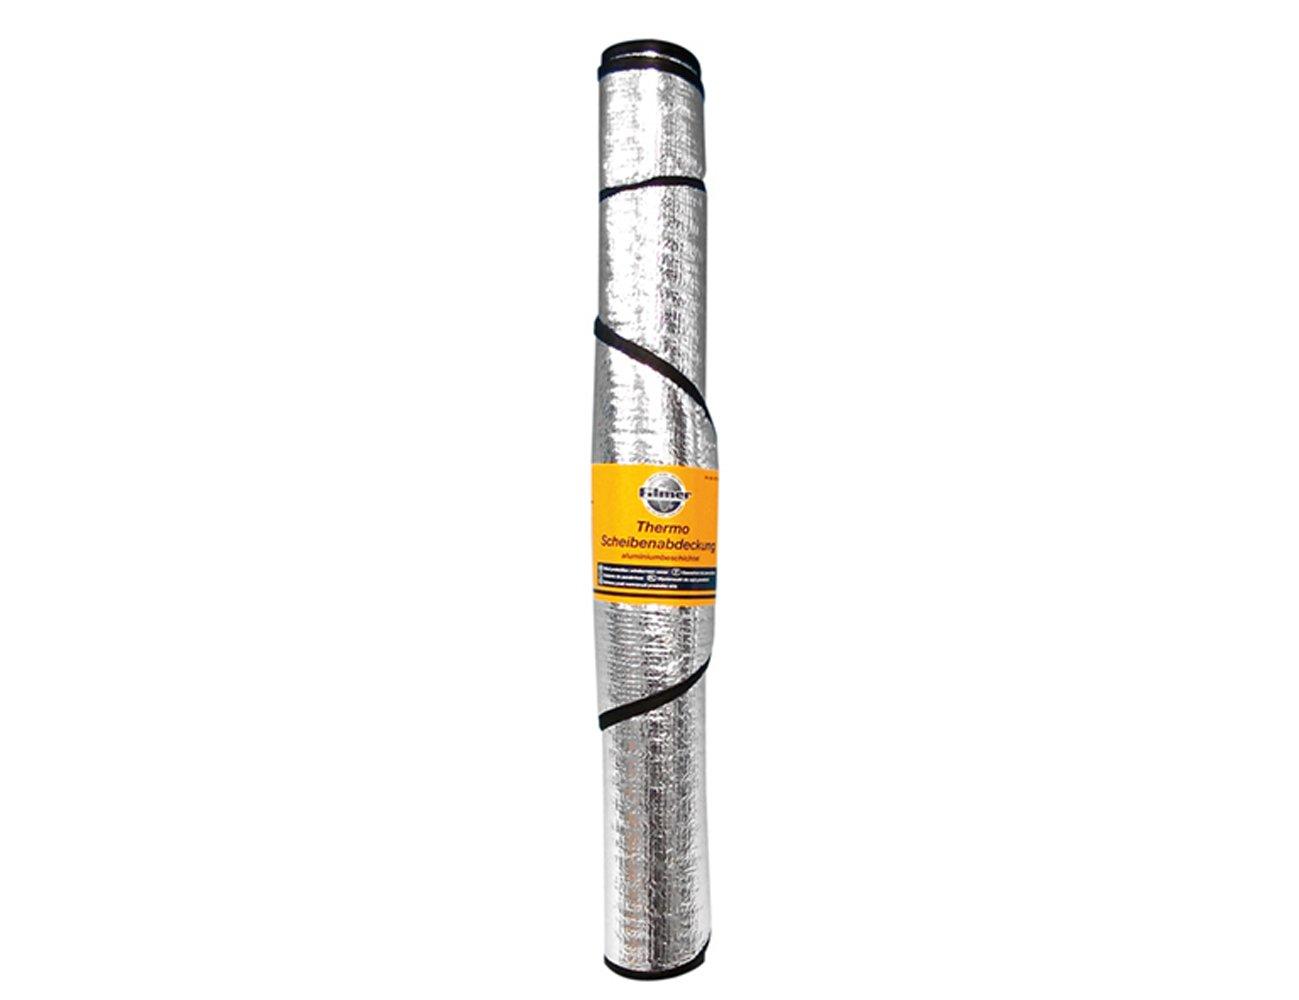 H&G Thermo-Scheiben-Abdeckung 779155 Schutzgitter